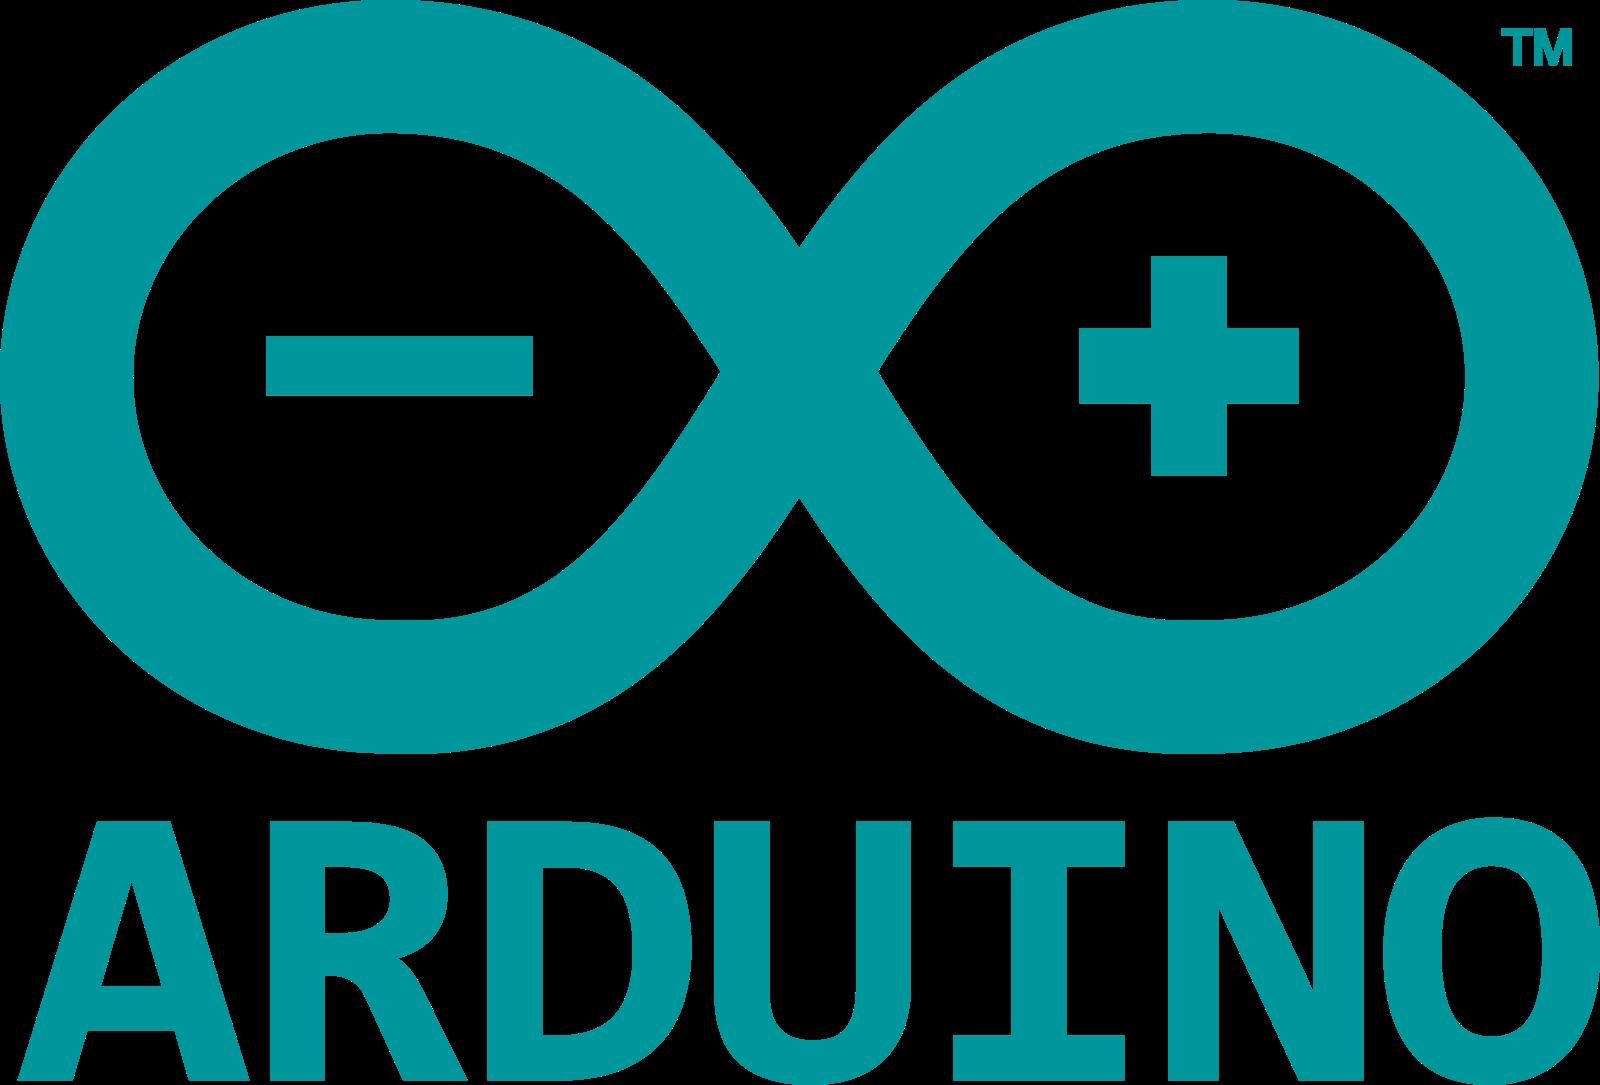 arduino logo 2 - Arduino Logo